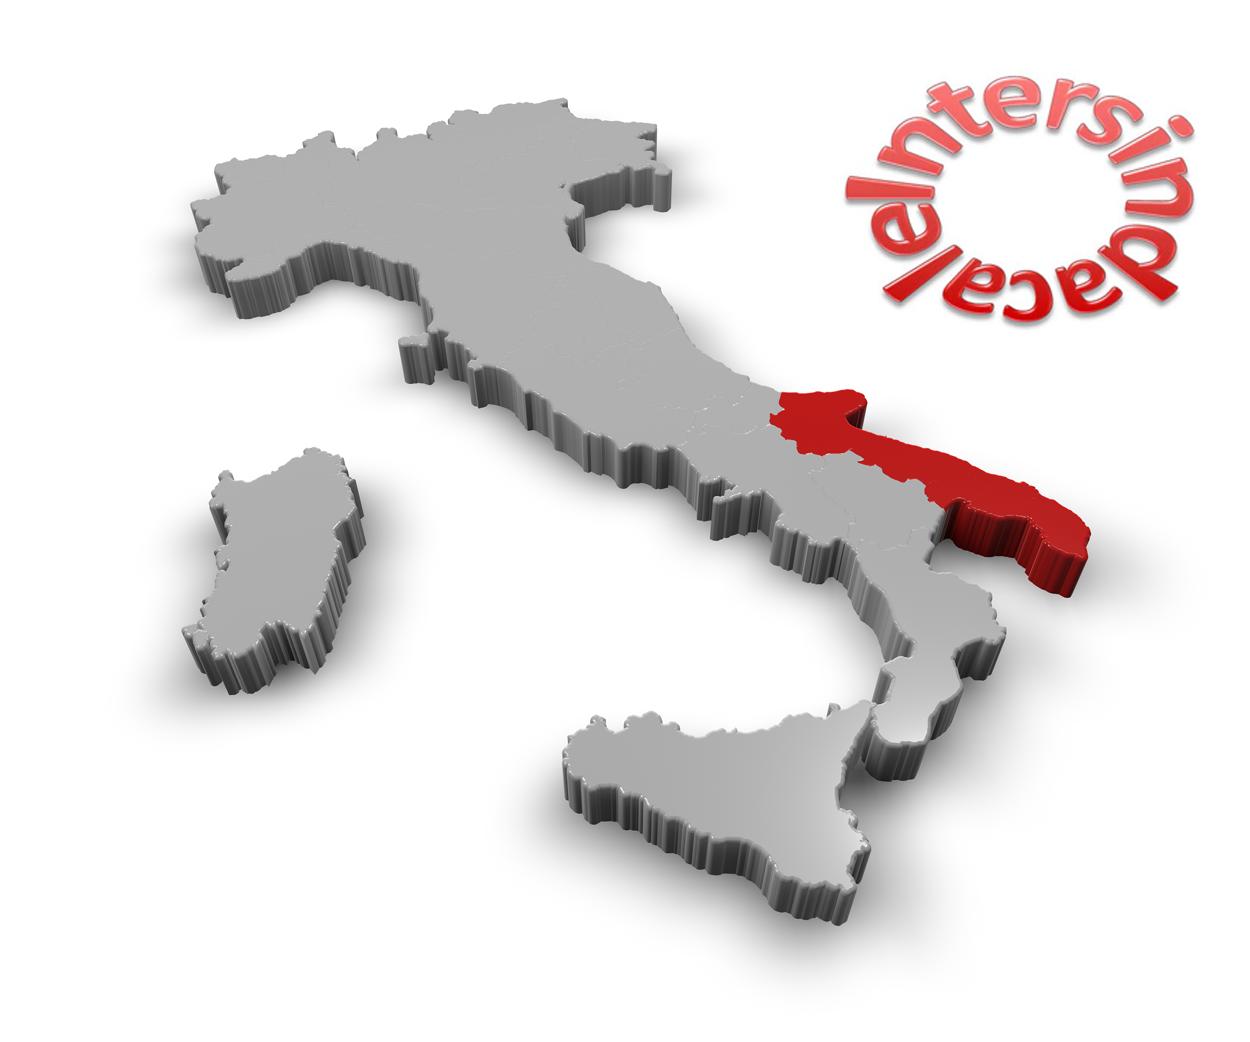 Intersindacale Puglia: Un grido di allarme caduto nel vuoto, lettera al Ministro Speranza